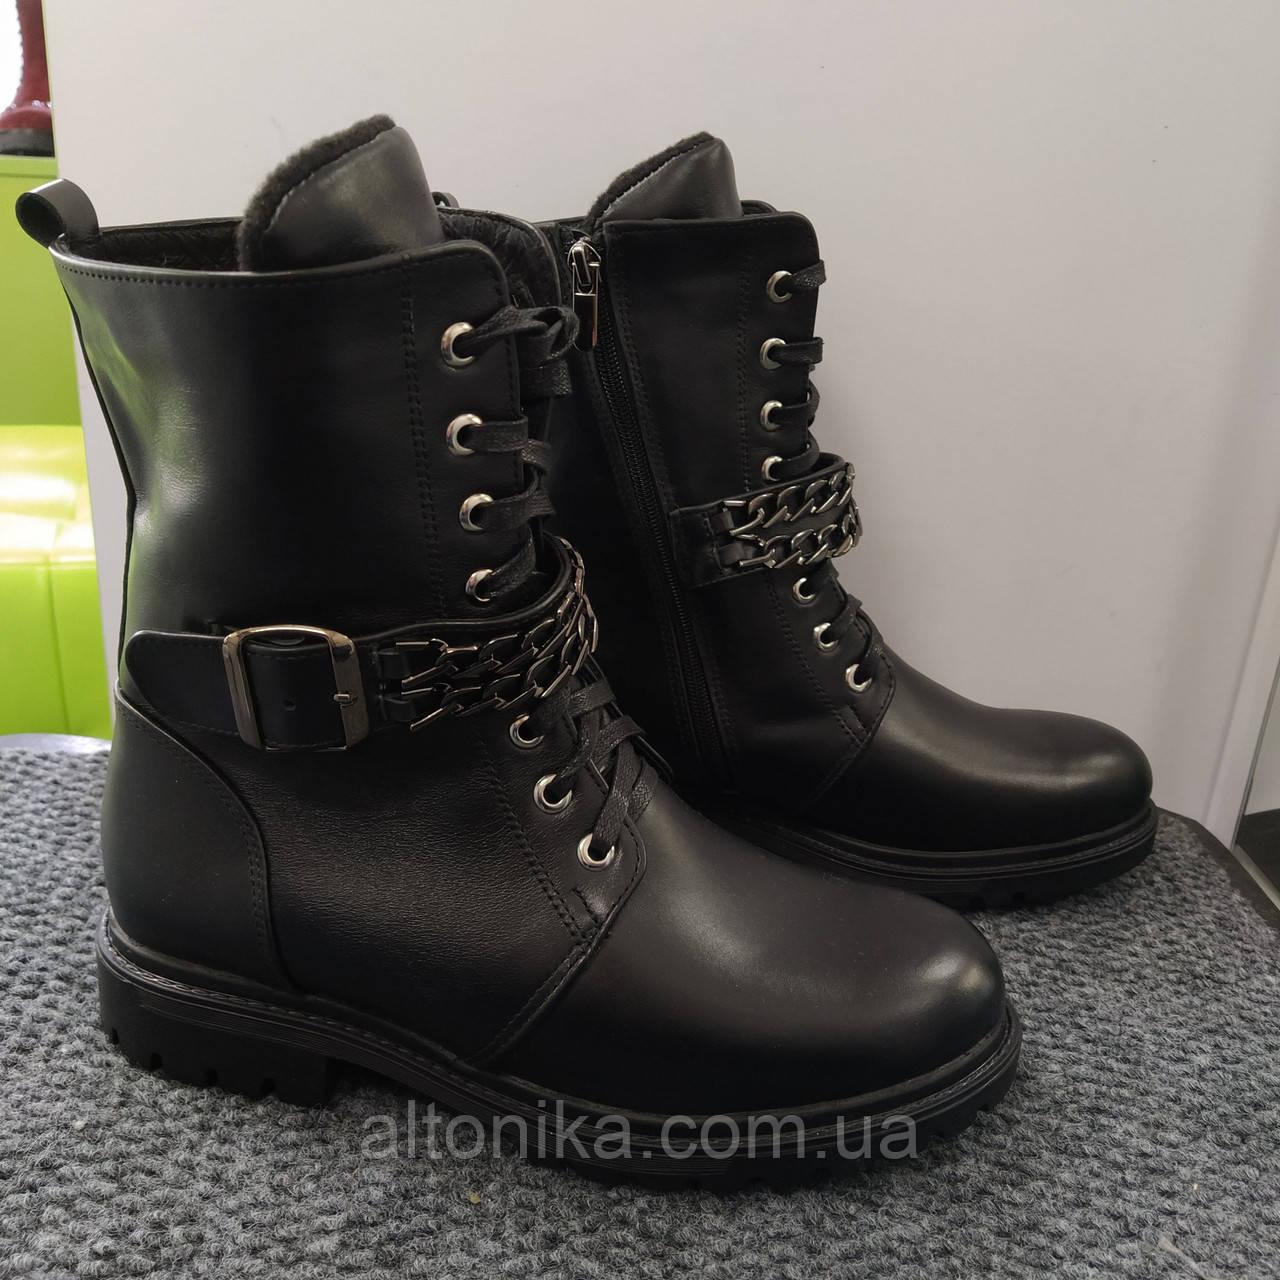 STTOPA деми зима. Размеры 36-41. Ботинки кожаные больших размеров! С9-28-3641-4-3344 Черные